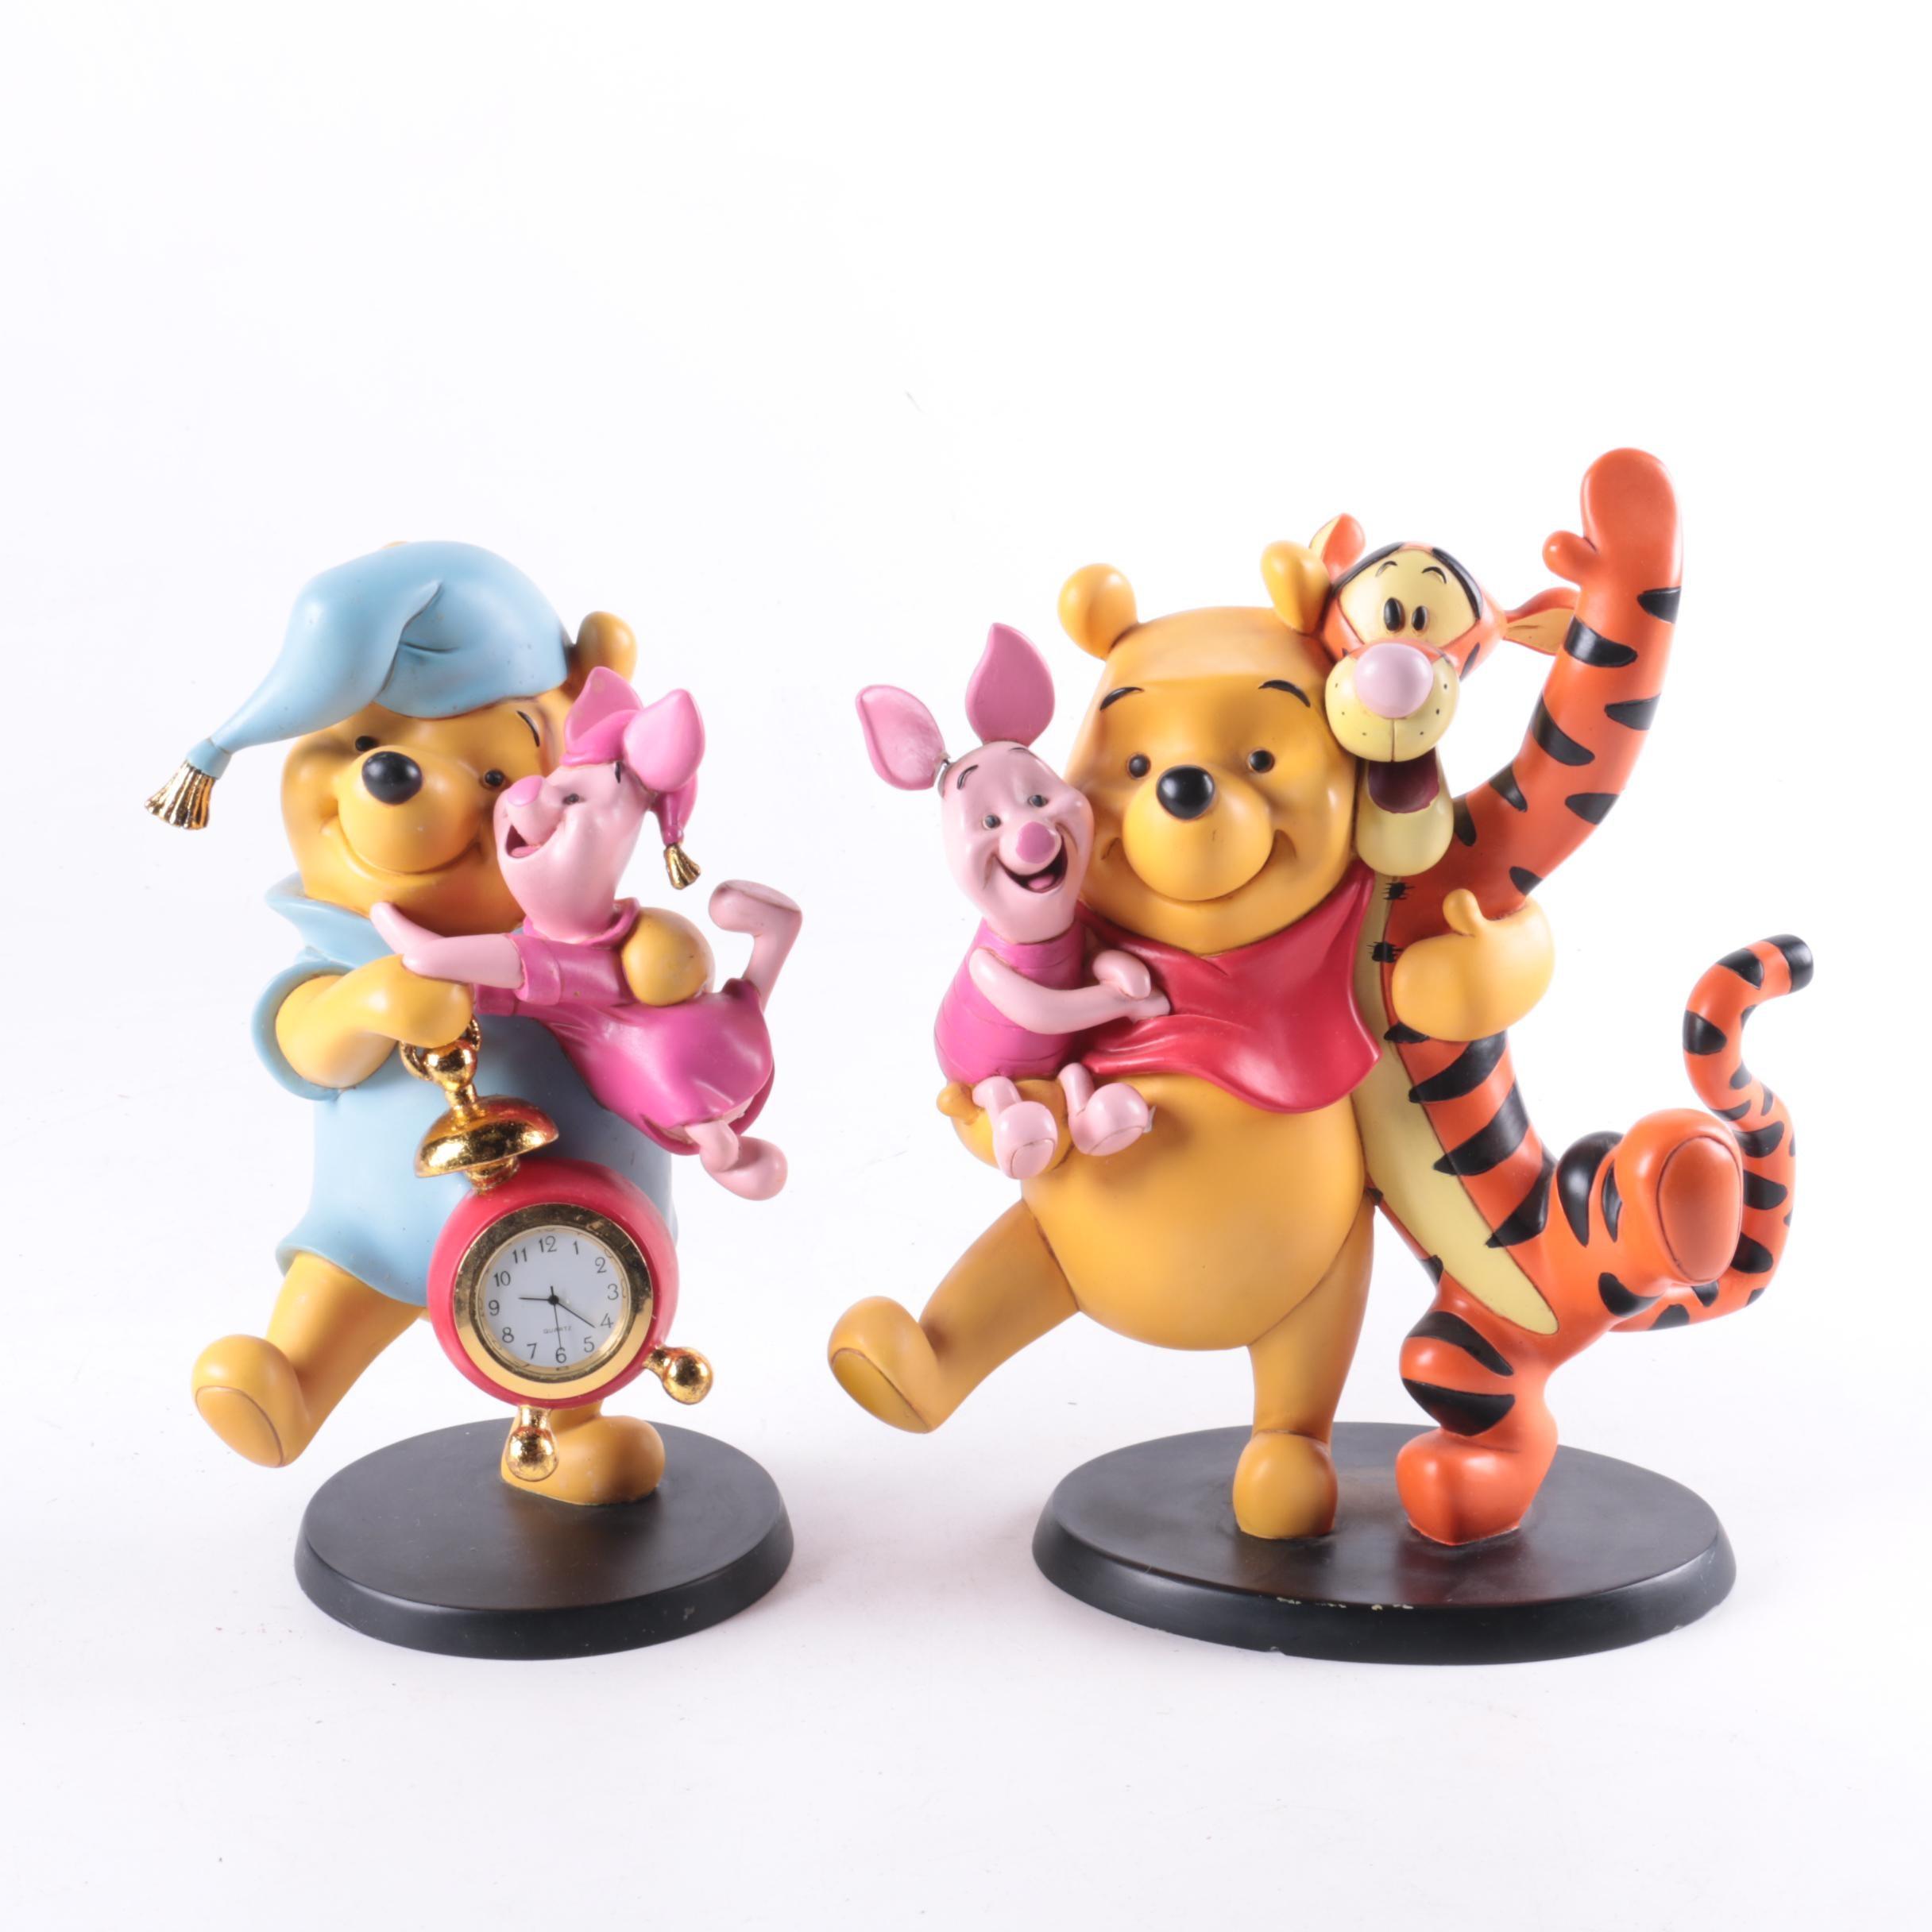 """Resin """"Winnie The Pooh"""" Figurines"""